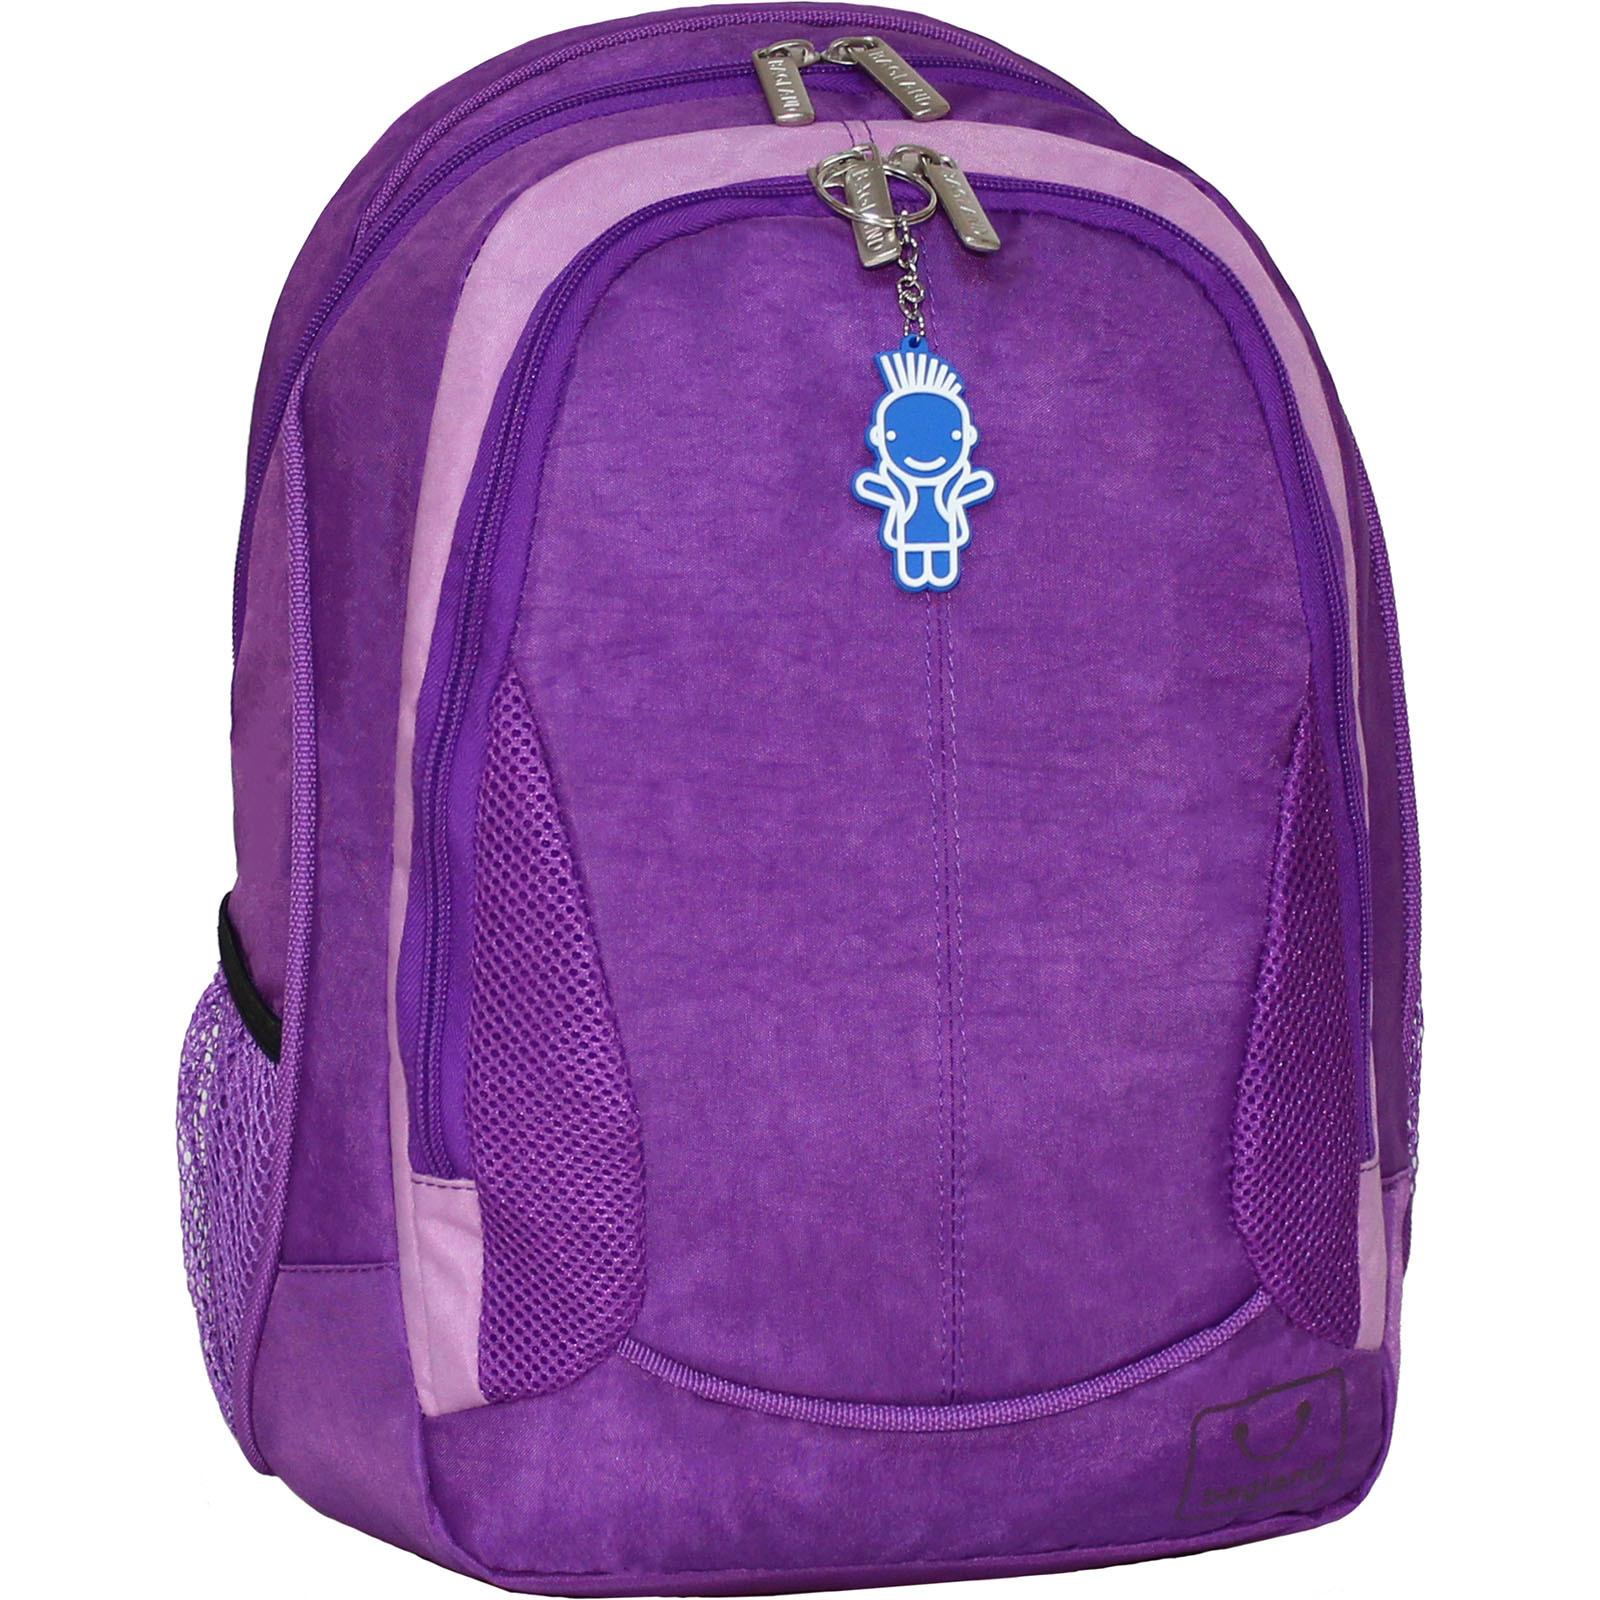 Школьные рюкзаки Рюкзак Bagland Странник 17 л. 339 фиолетовый/бузковый (0058470) IMG_4168.JPG